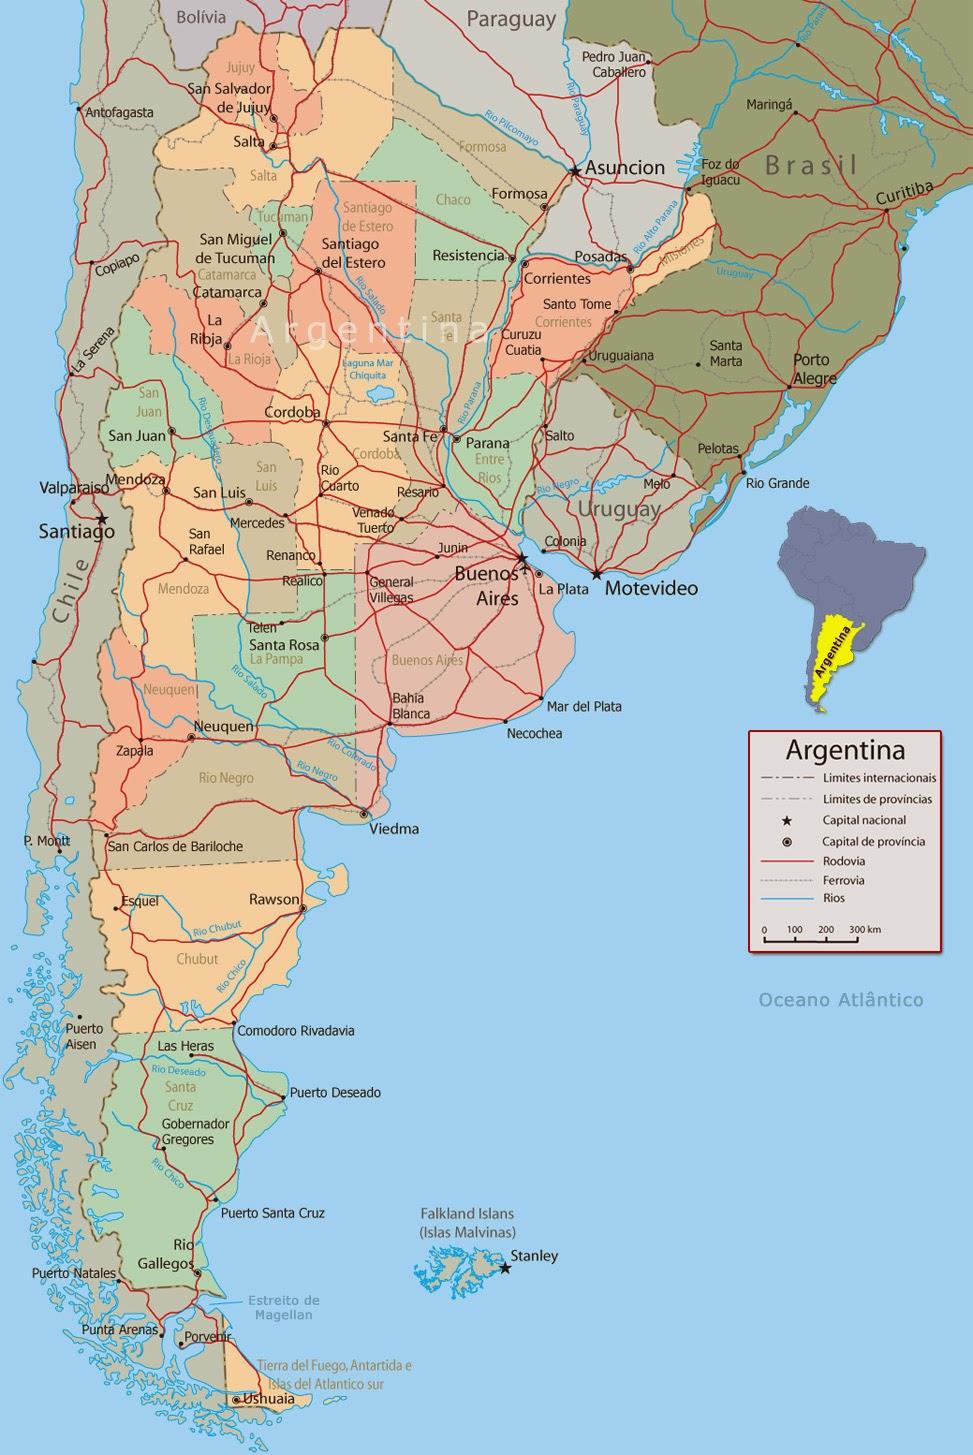 Argentina | Mapas Geográficos da Argentina